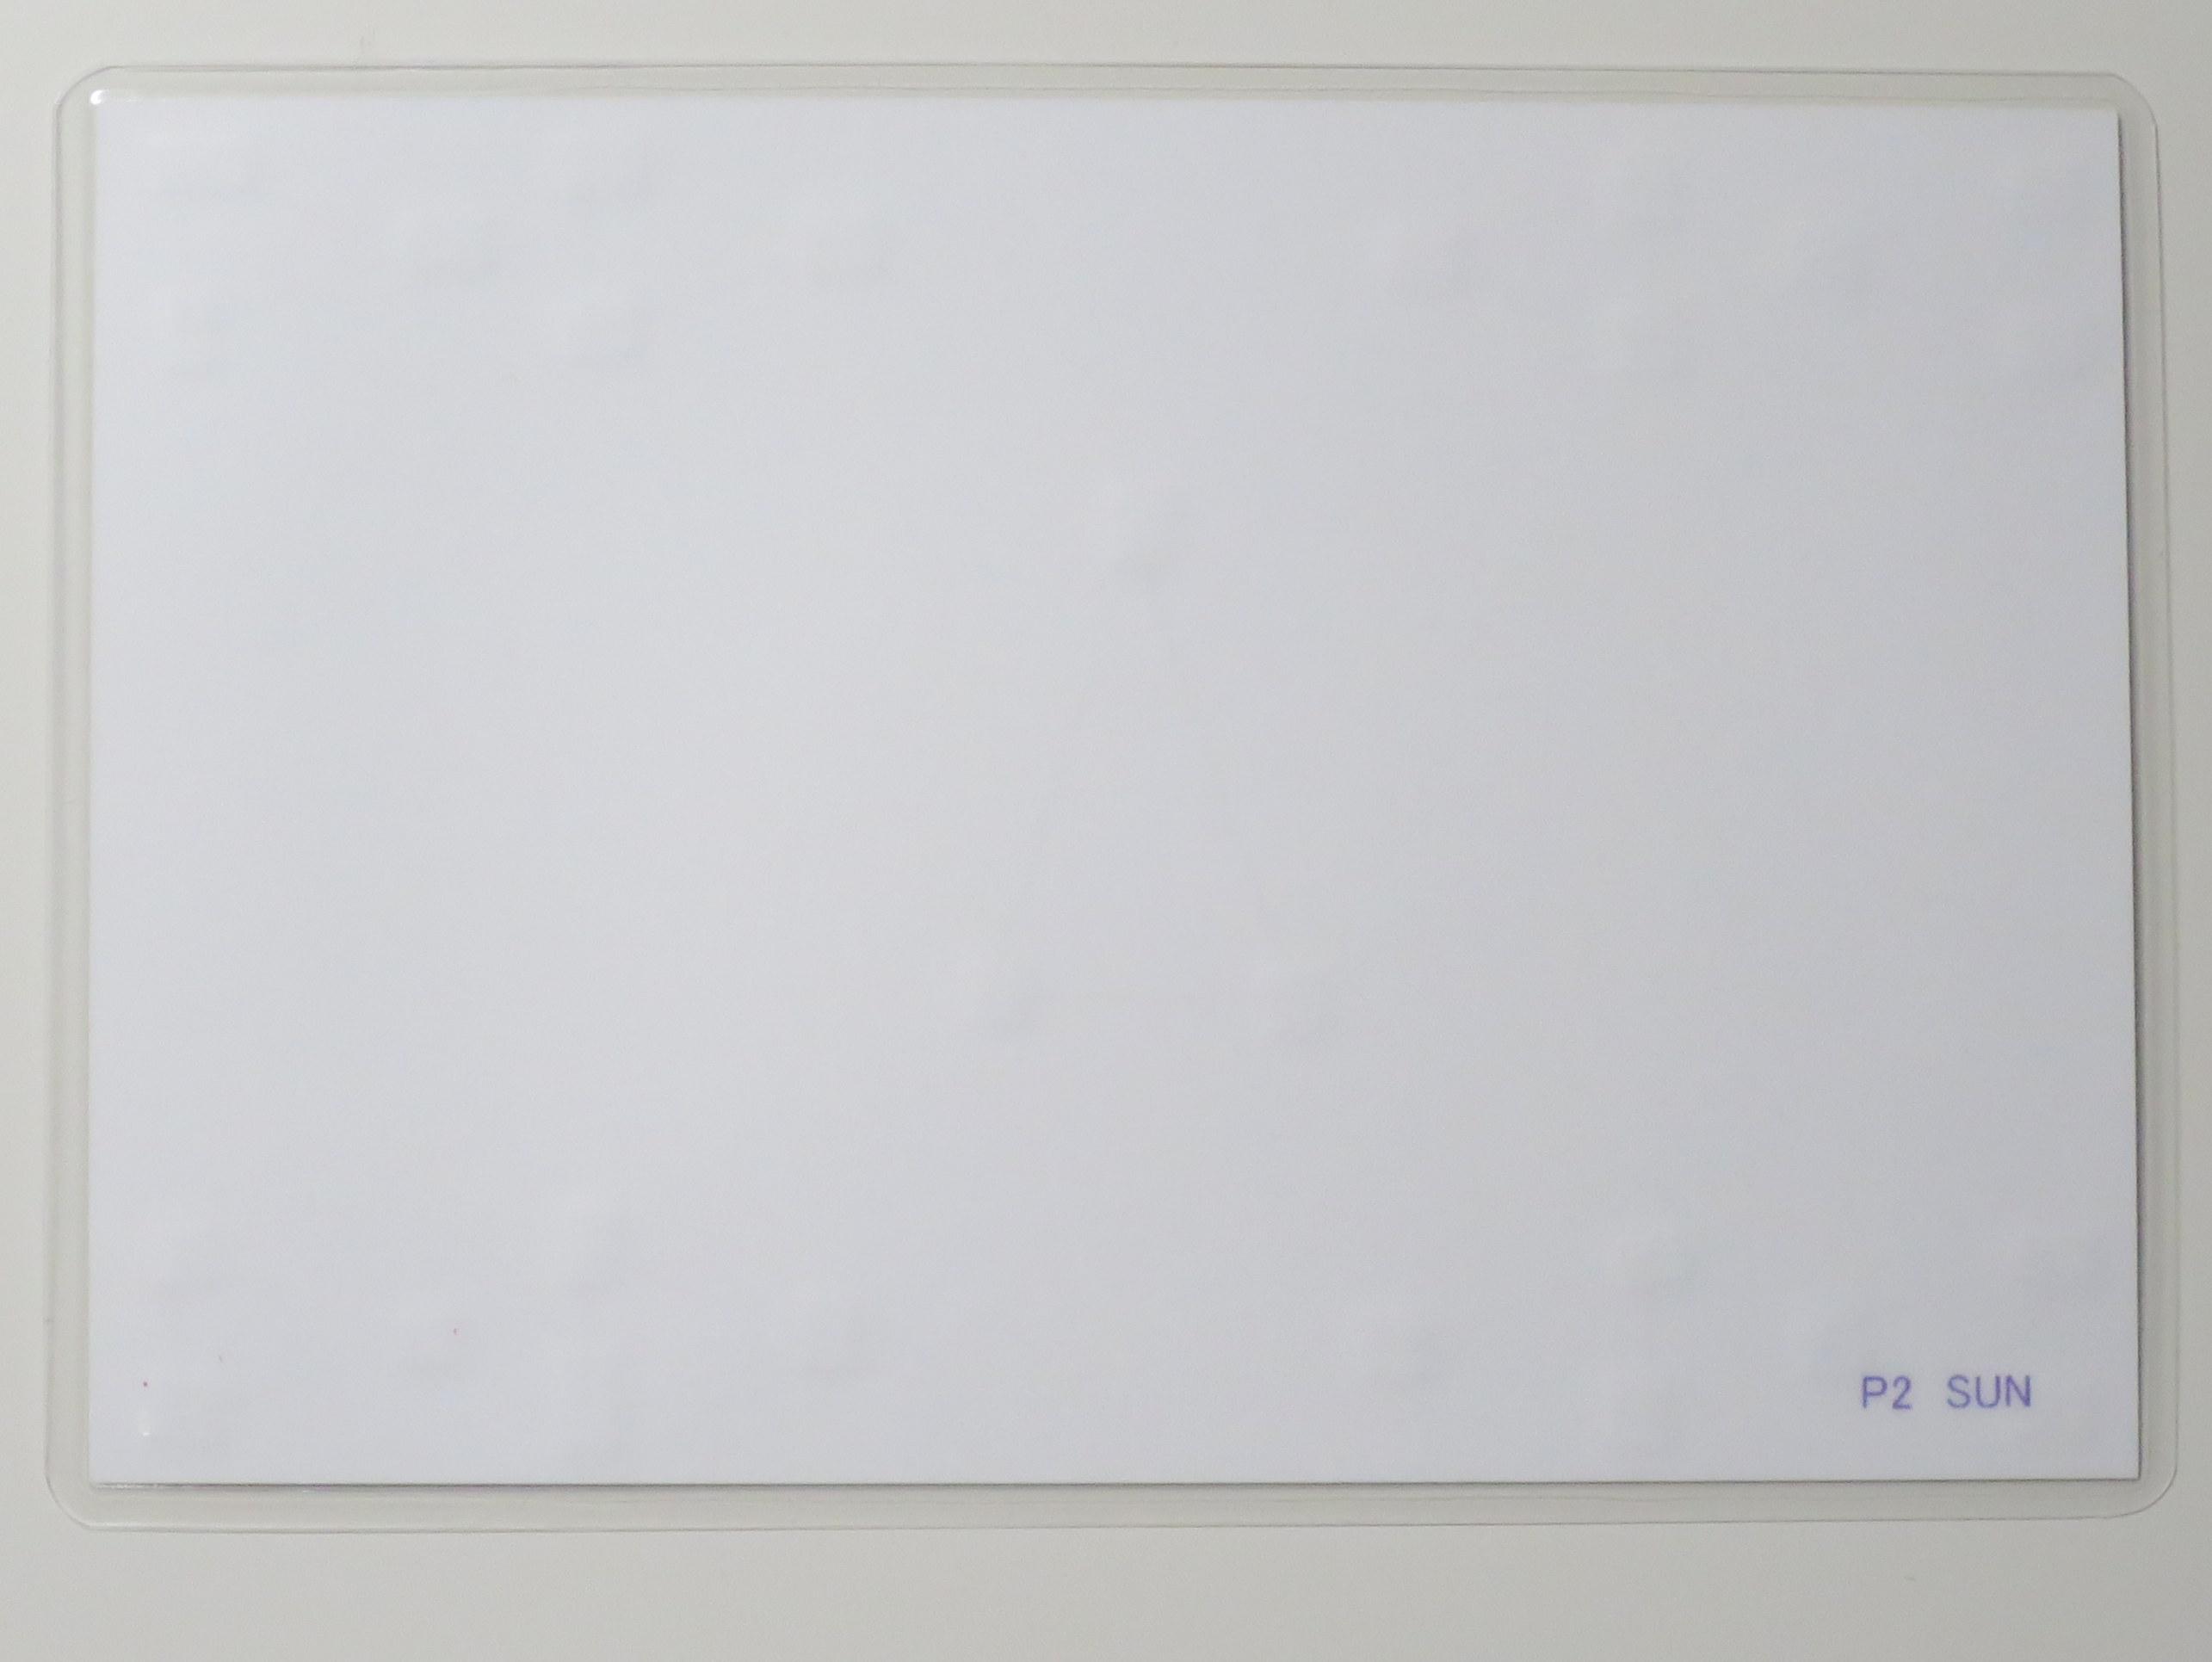 位山と太陽の波動<br> 材料 パウチ 紙(白)<br> はがきサイズ